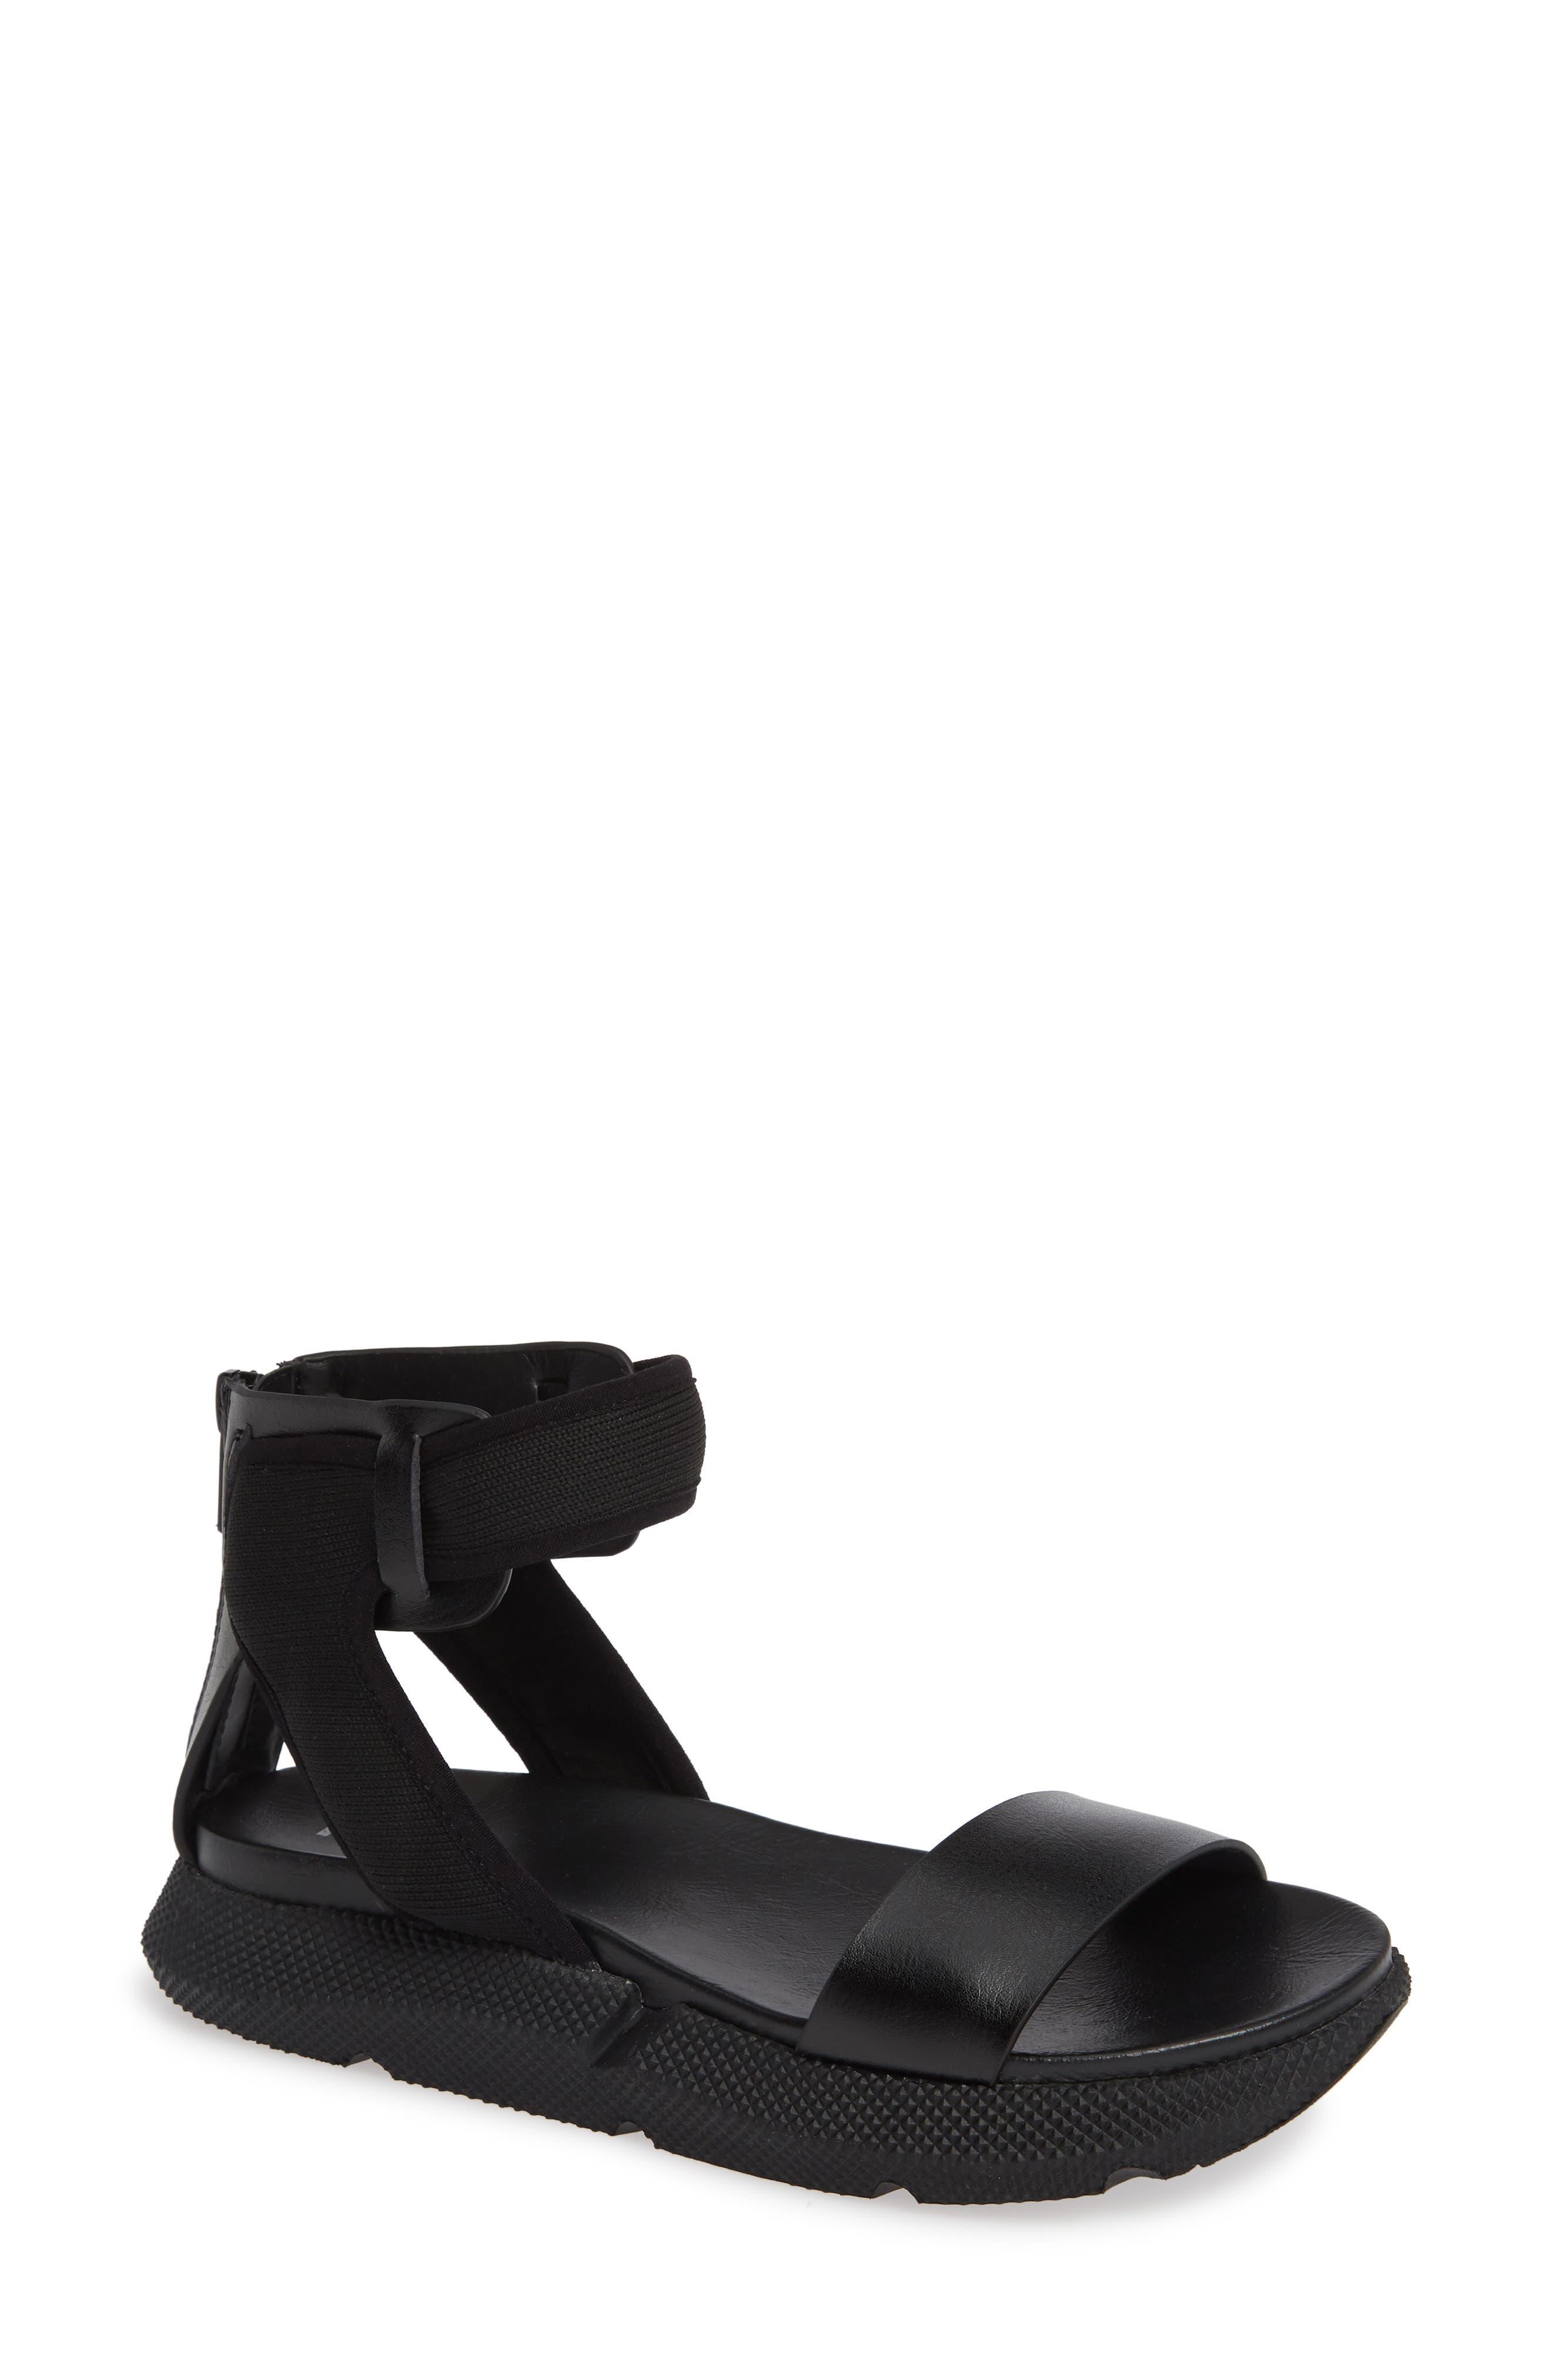 Tali Sandal, Main, color, BLACK VEGAN LEATHER